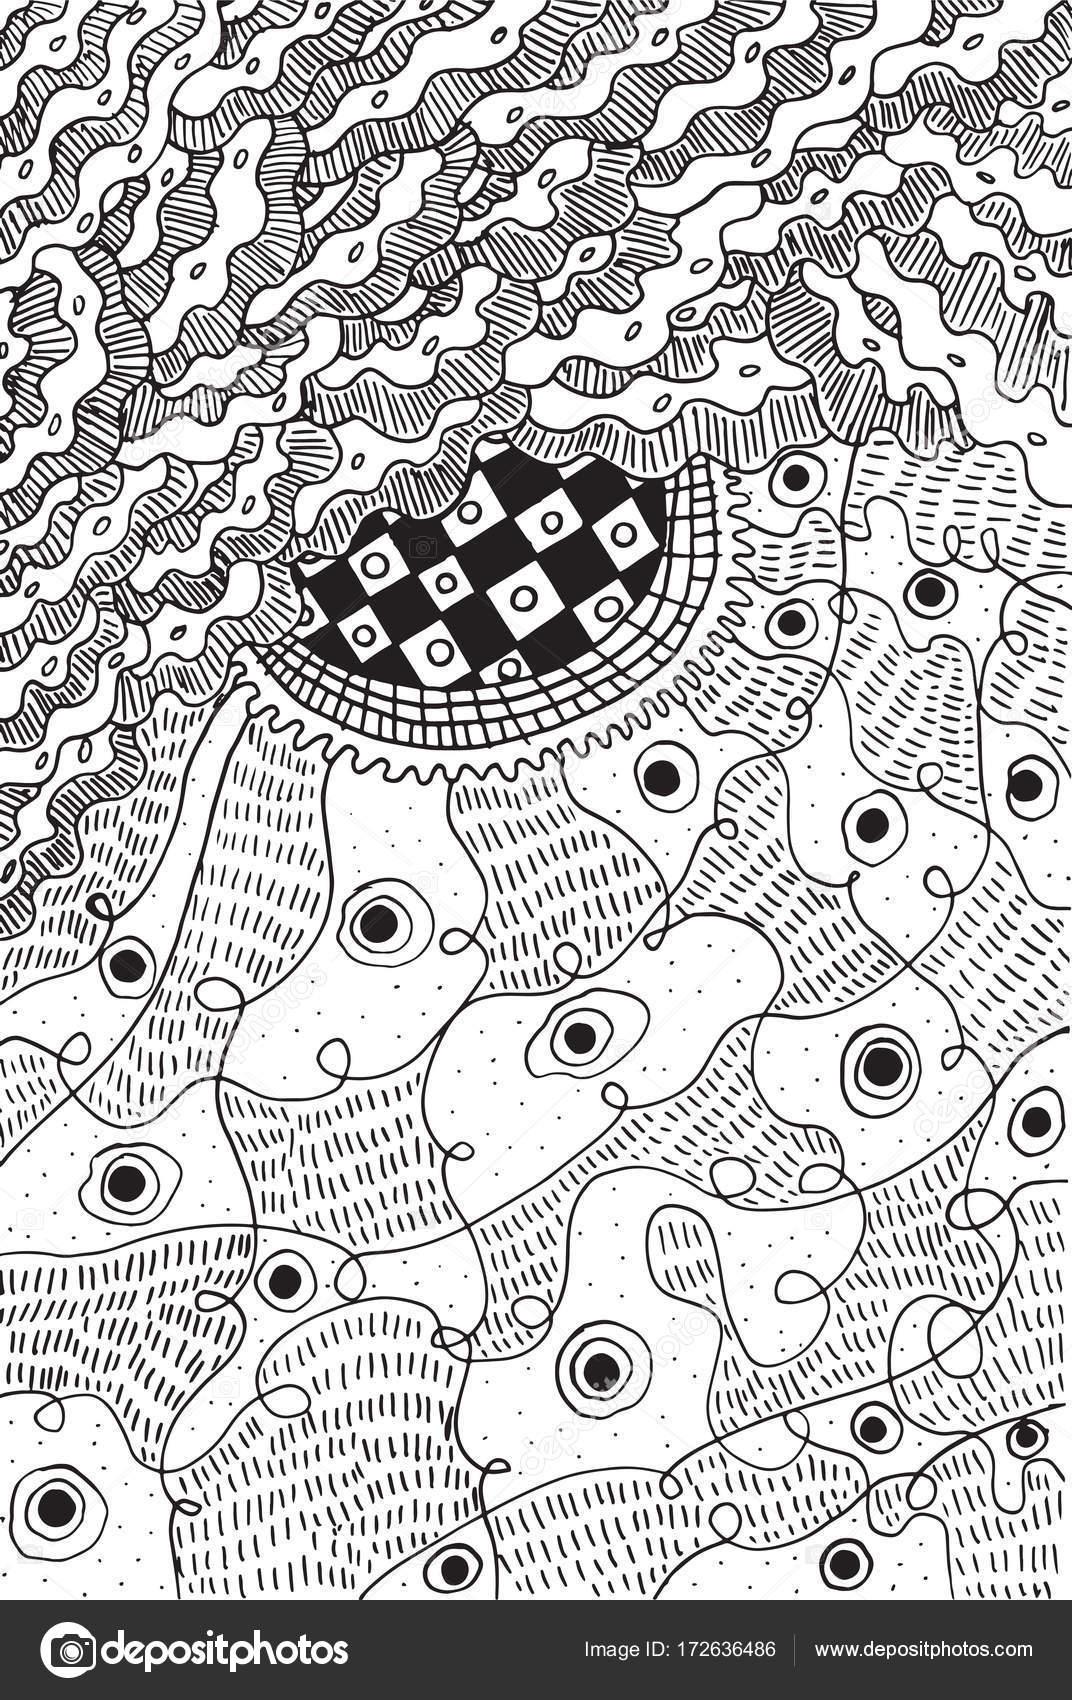 abstracte psychedelische surrealistisch doodle pagina